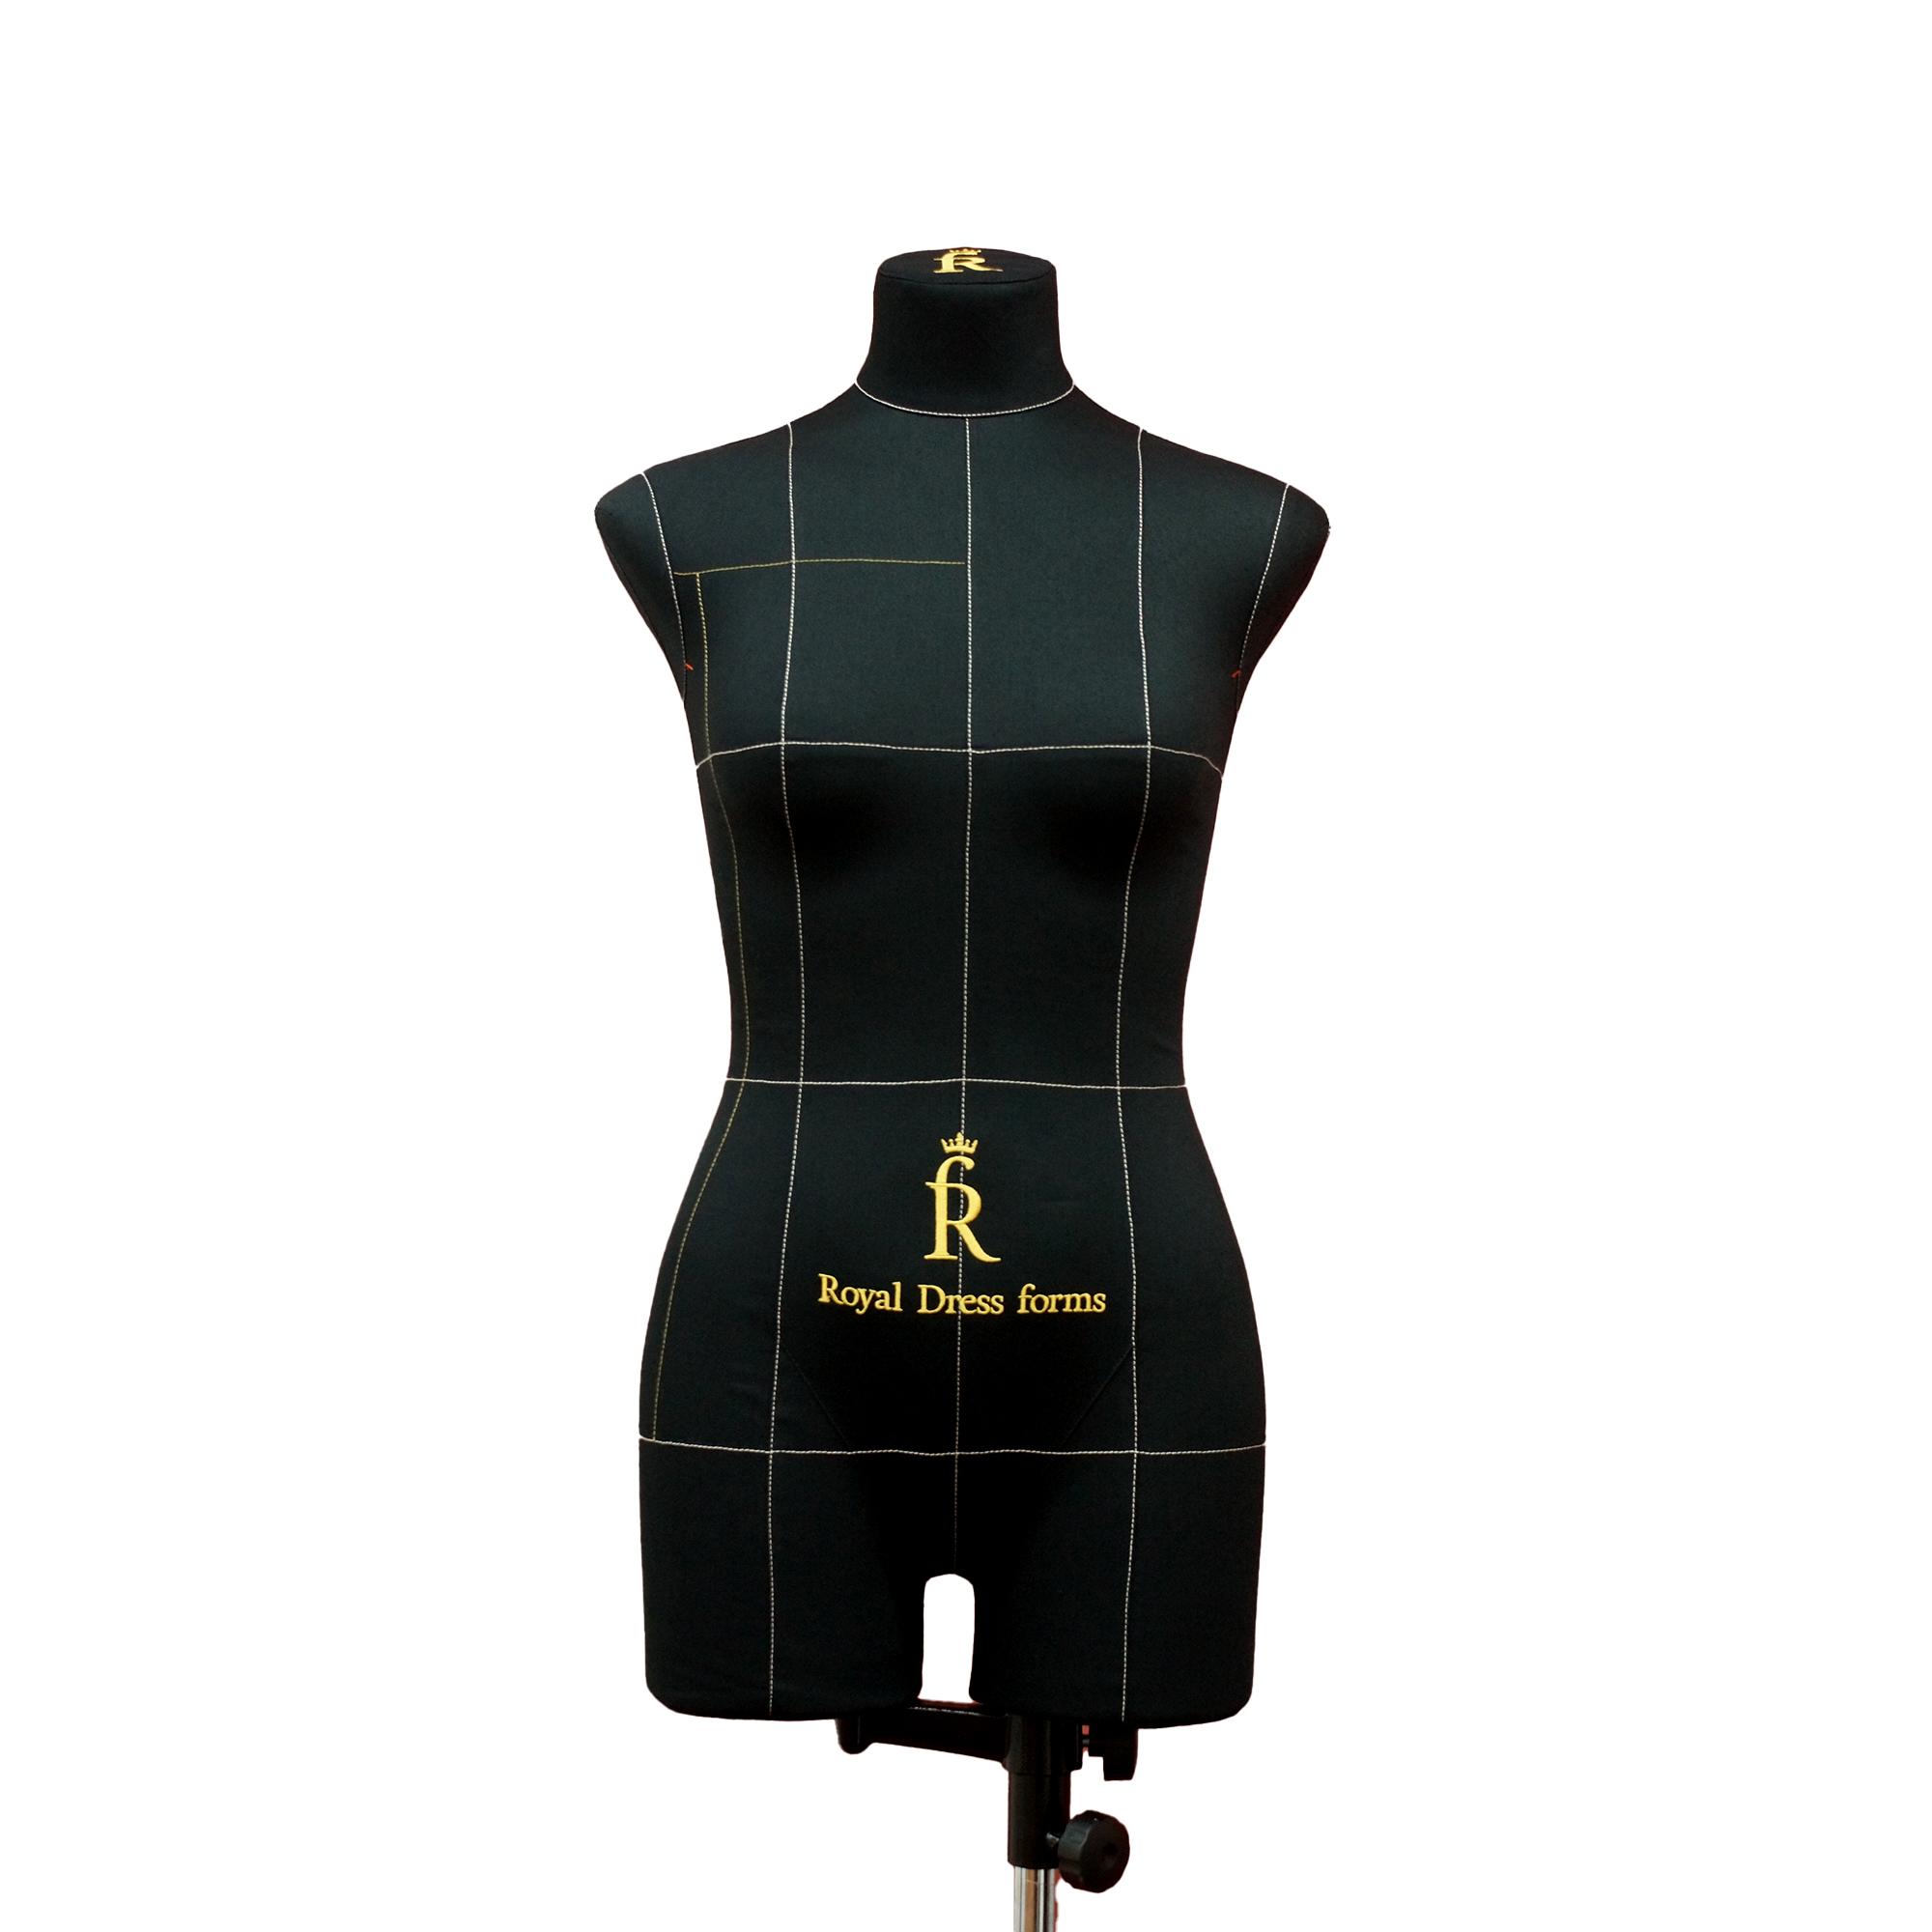 Манекен портновский Моника, комплект Стандарт, размер 44, тип фигуры Прямоугольник, черный